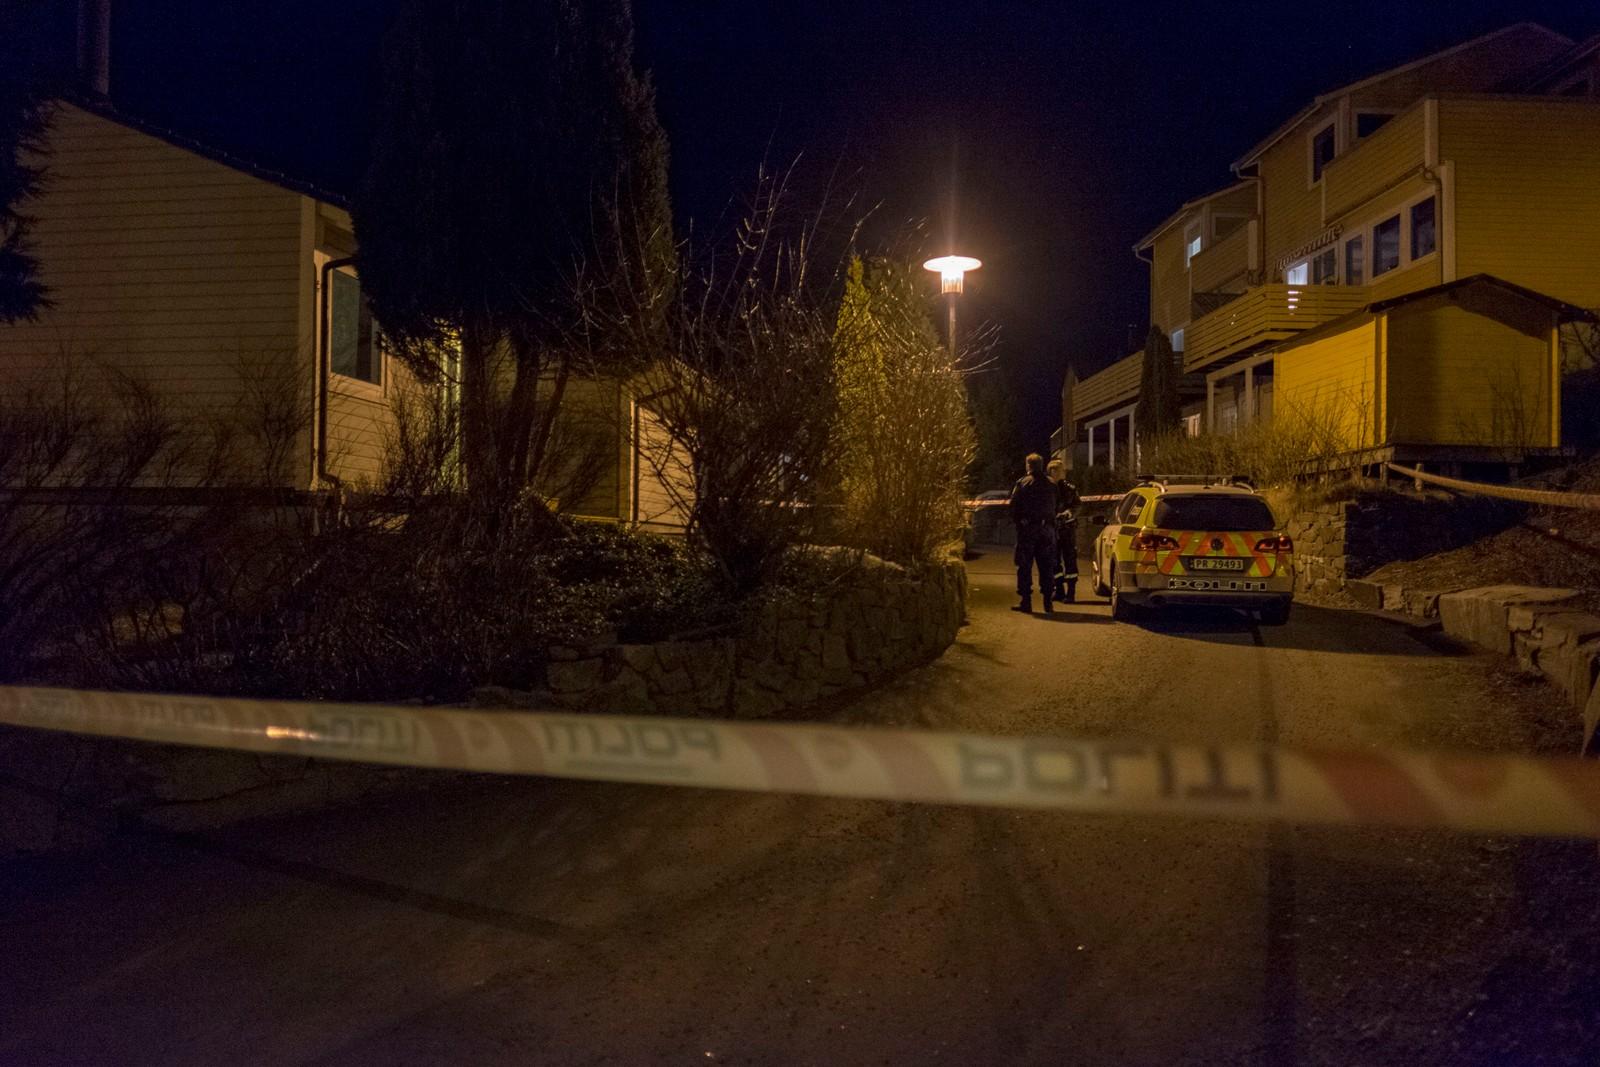 Et større område var natt til lørdag sperret av på Hånes i Kristiansand, etter et mistenkelig dødsfall i en bolig sent fredag kveld.